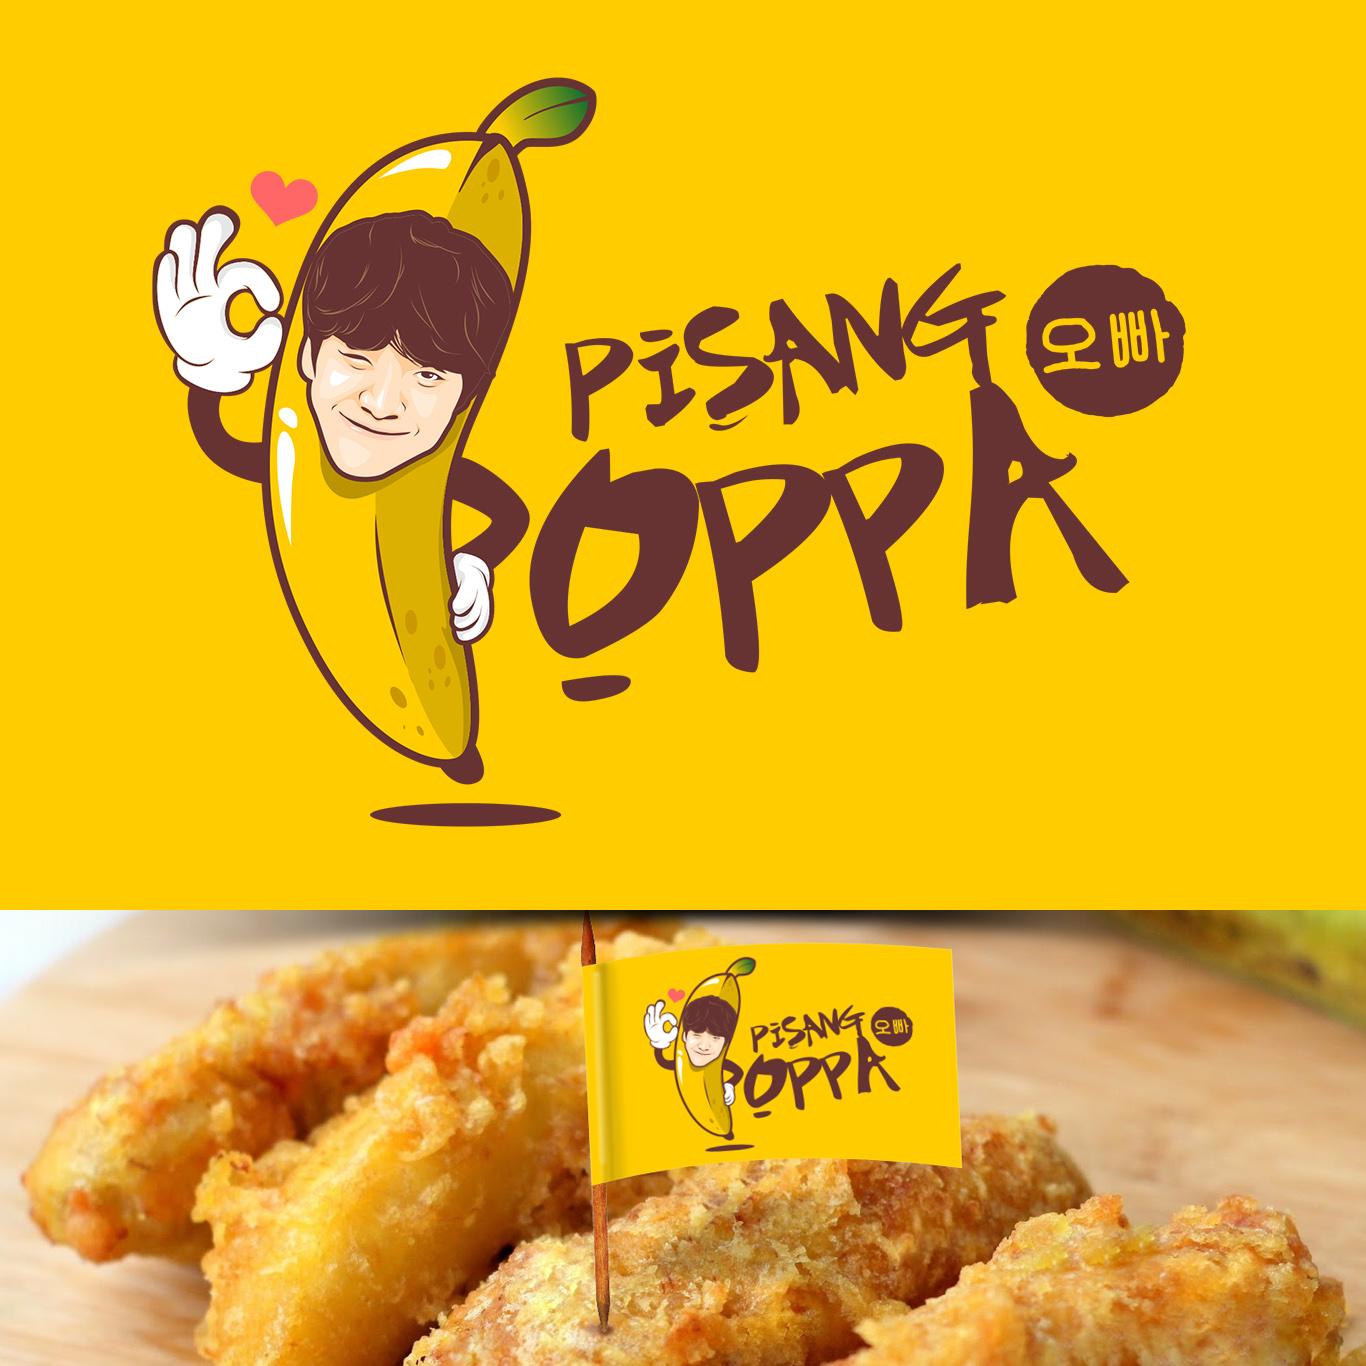 sribu desain logo desain logo untuk produk pisang